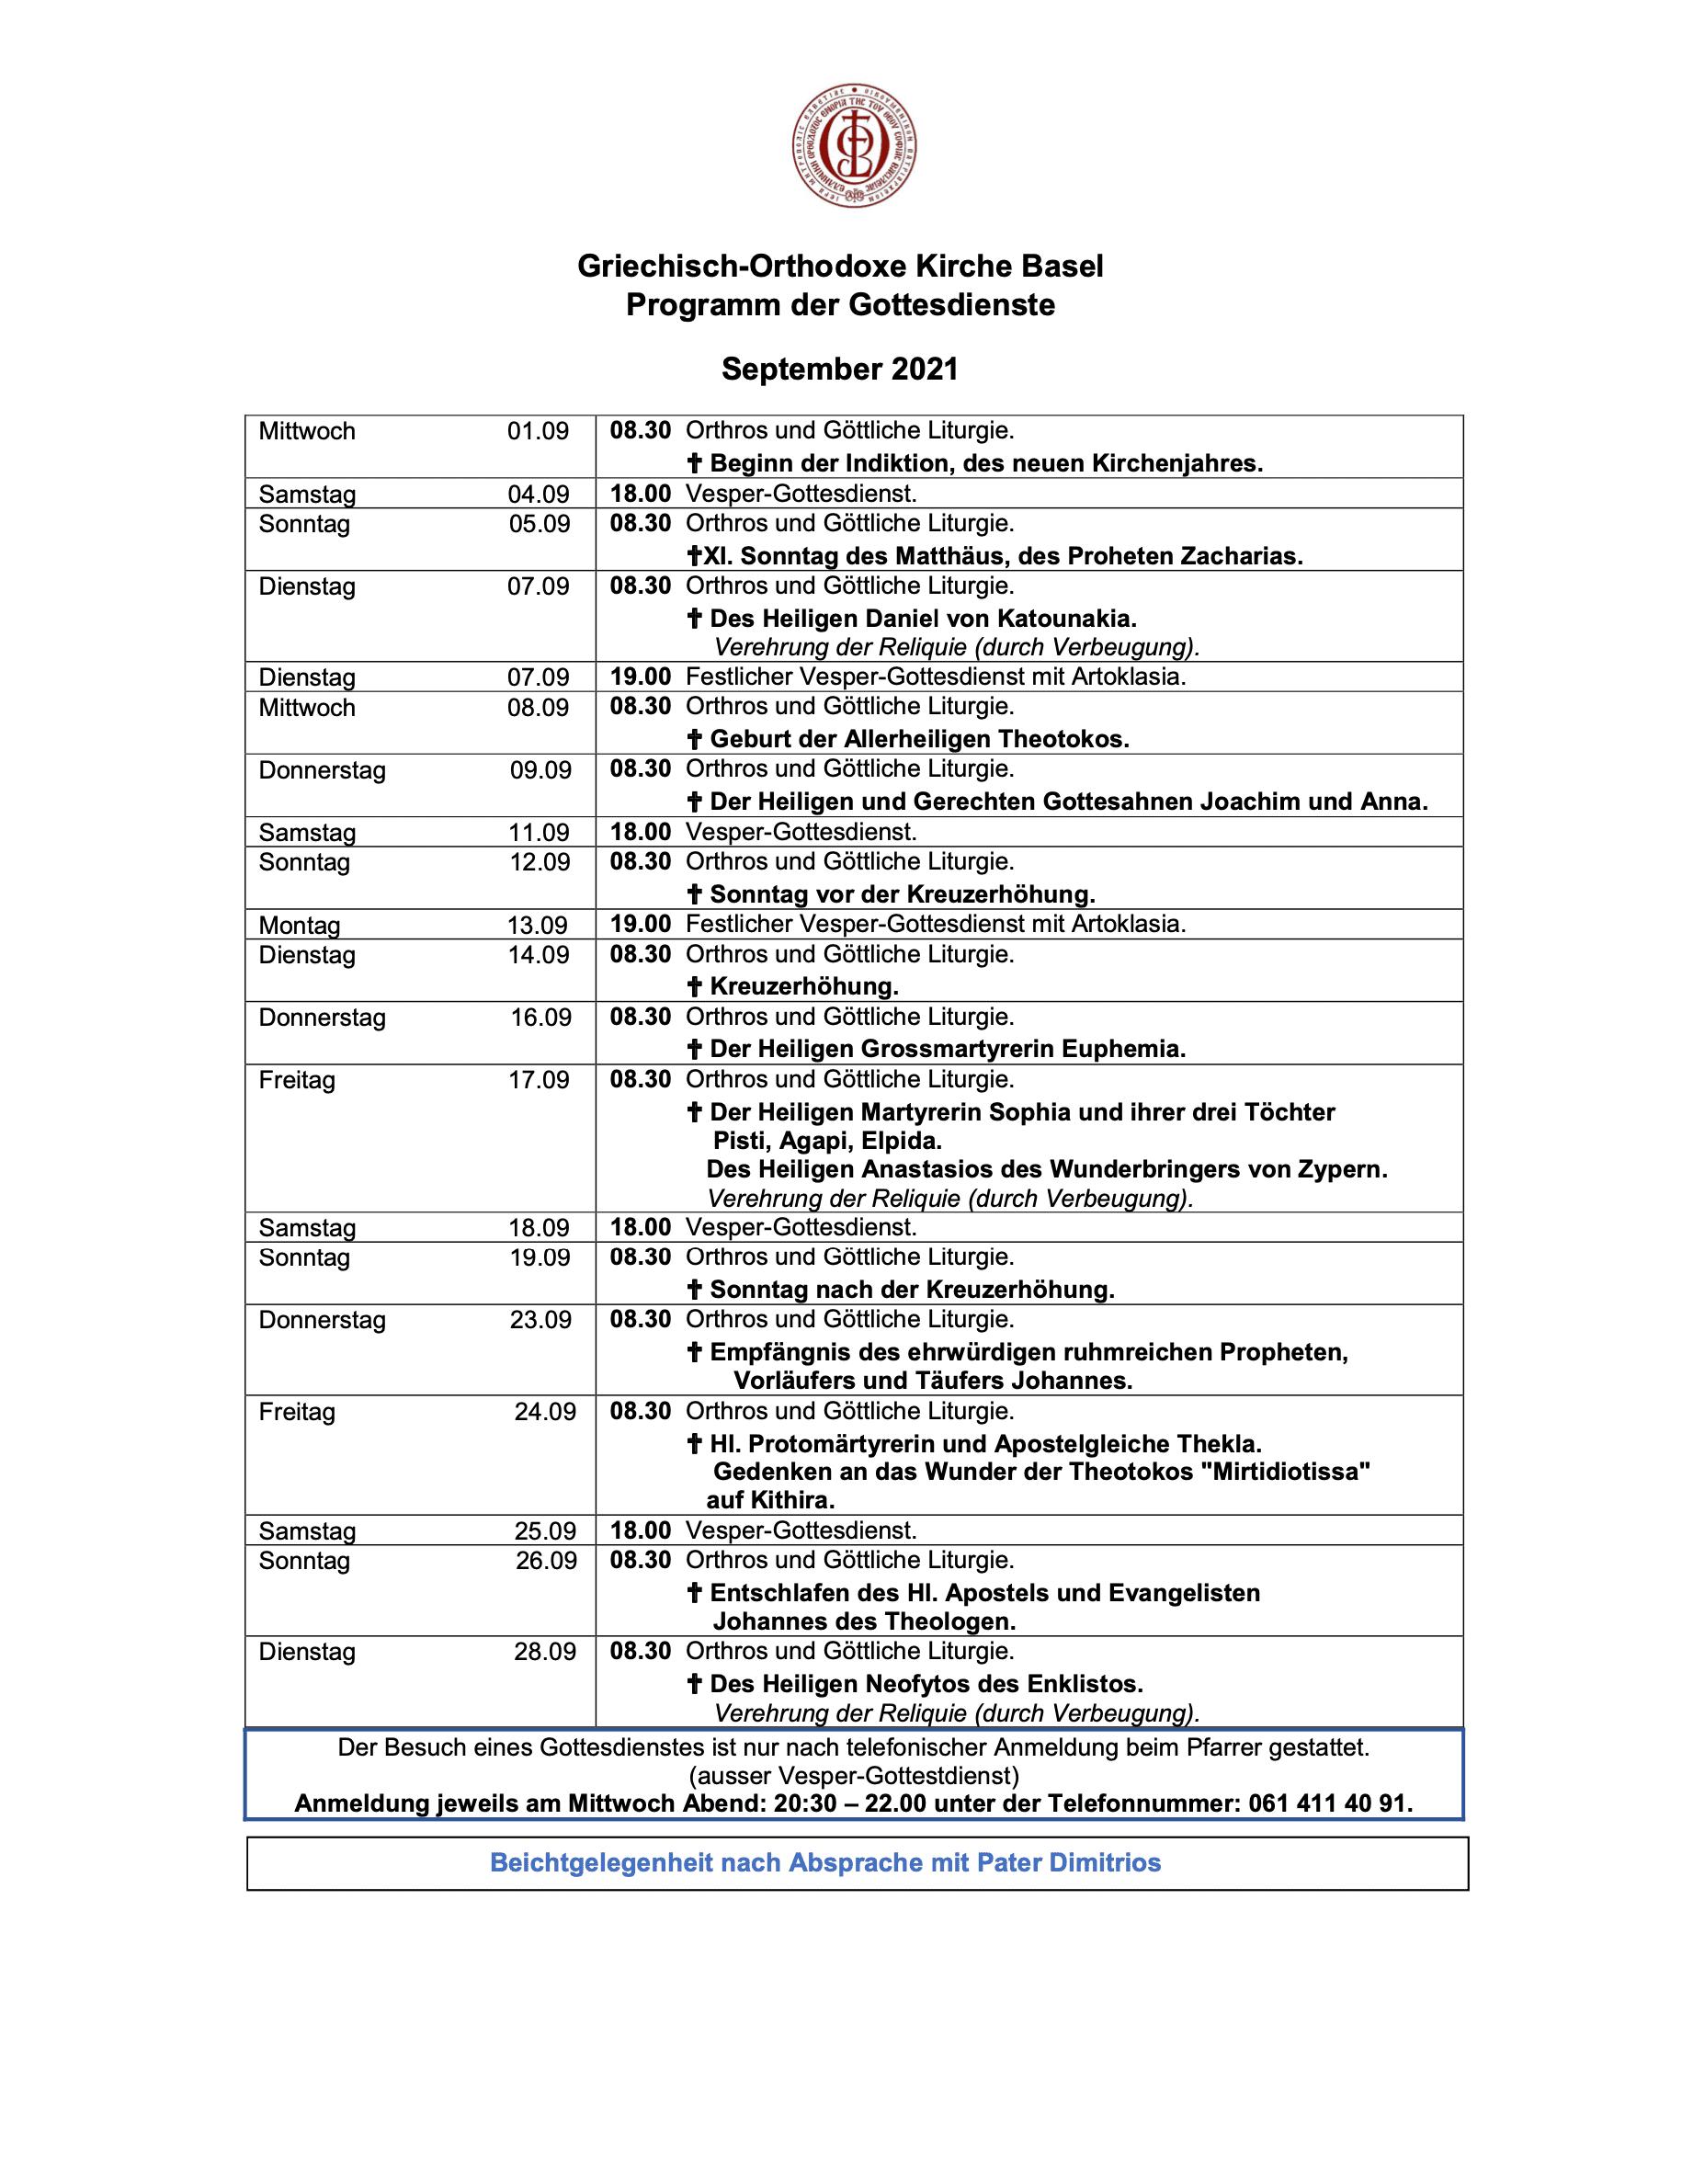 Πρόγραμμα Ακολουθιών Σεπτέμβριος 2021